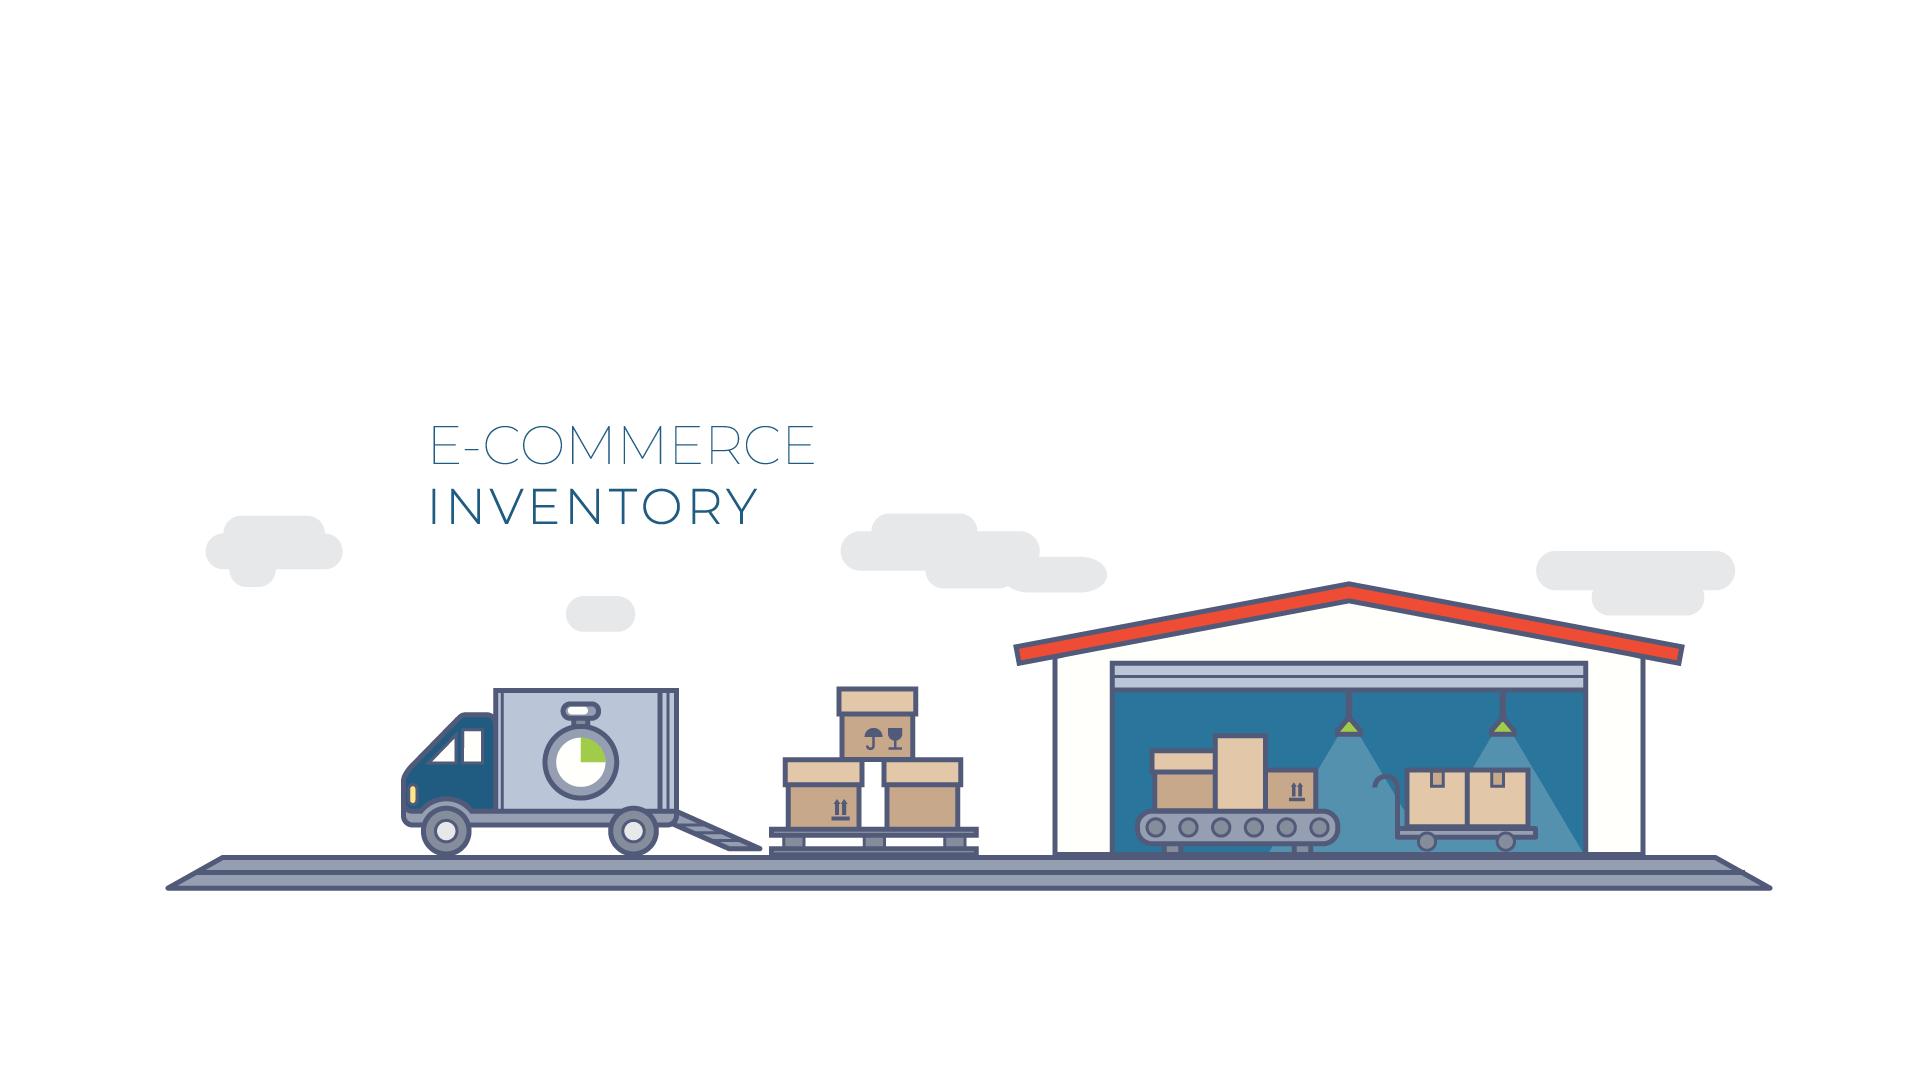 Convertire-Inventario-E-commerce